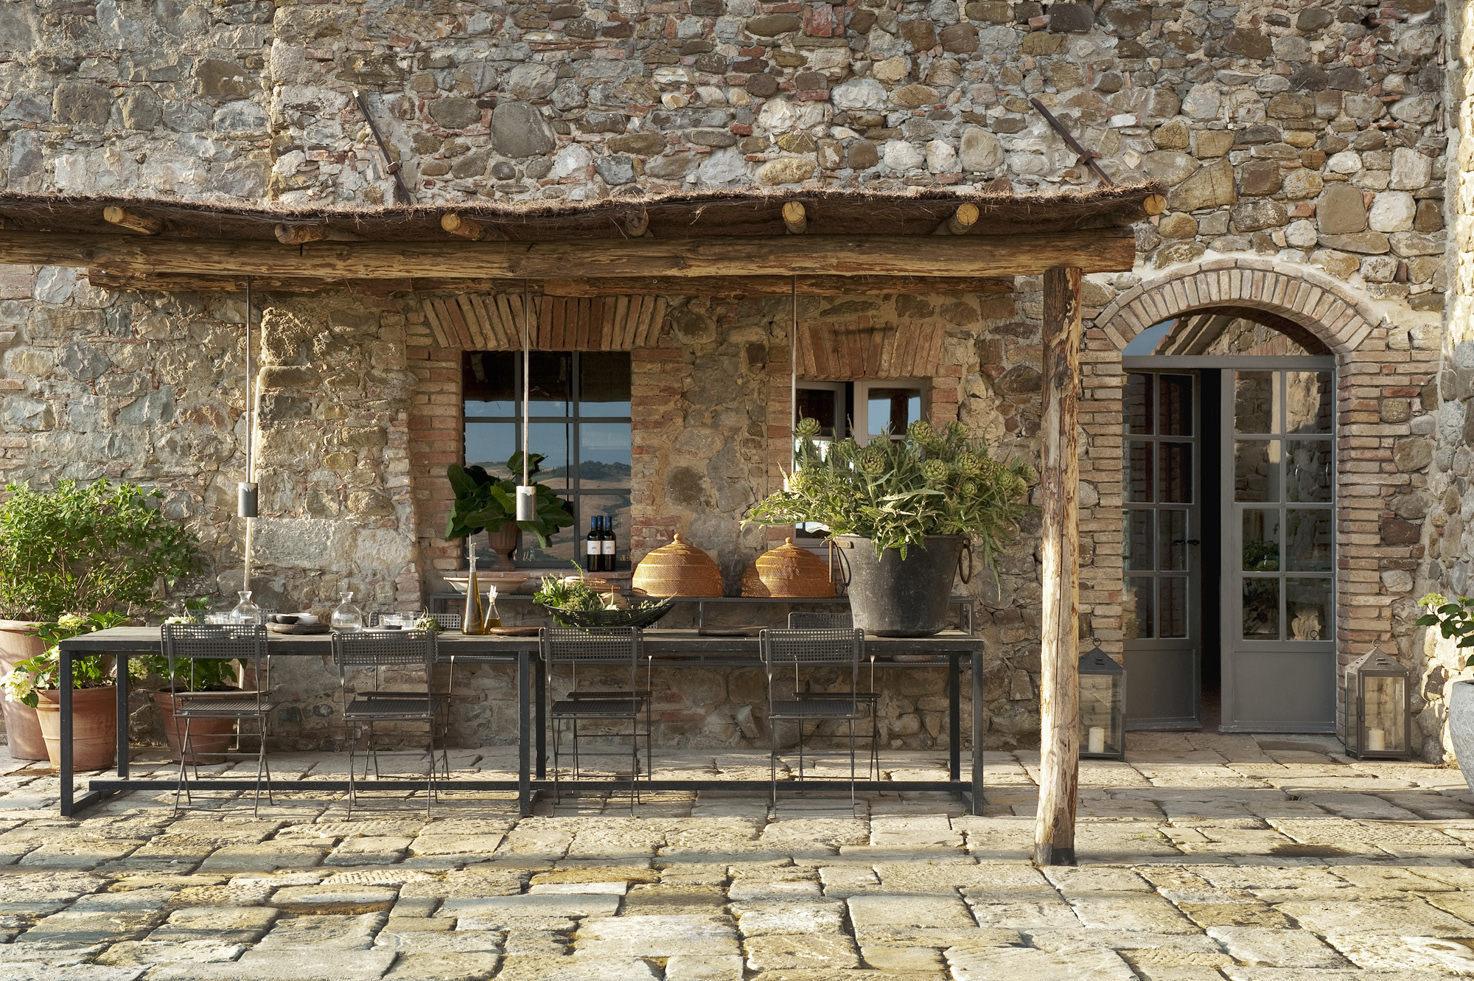 Façade of the villa